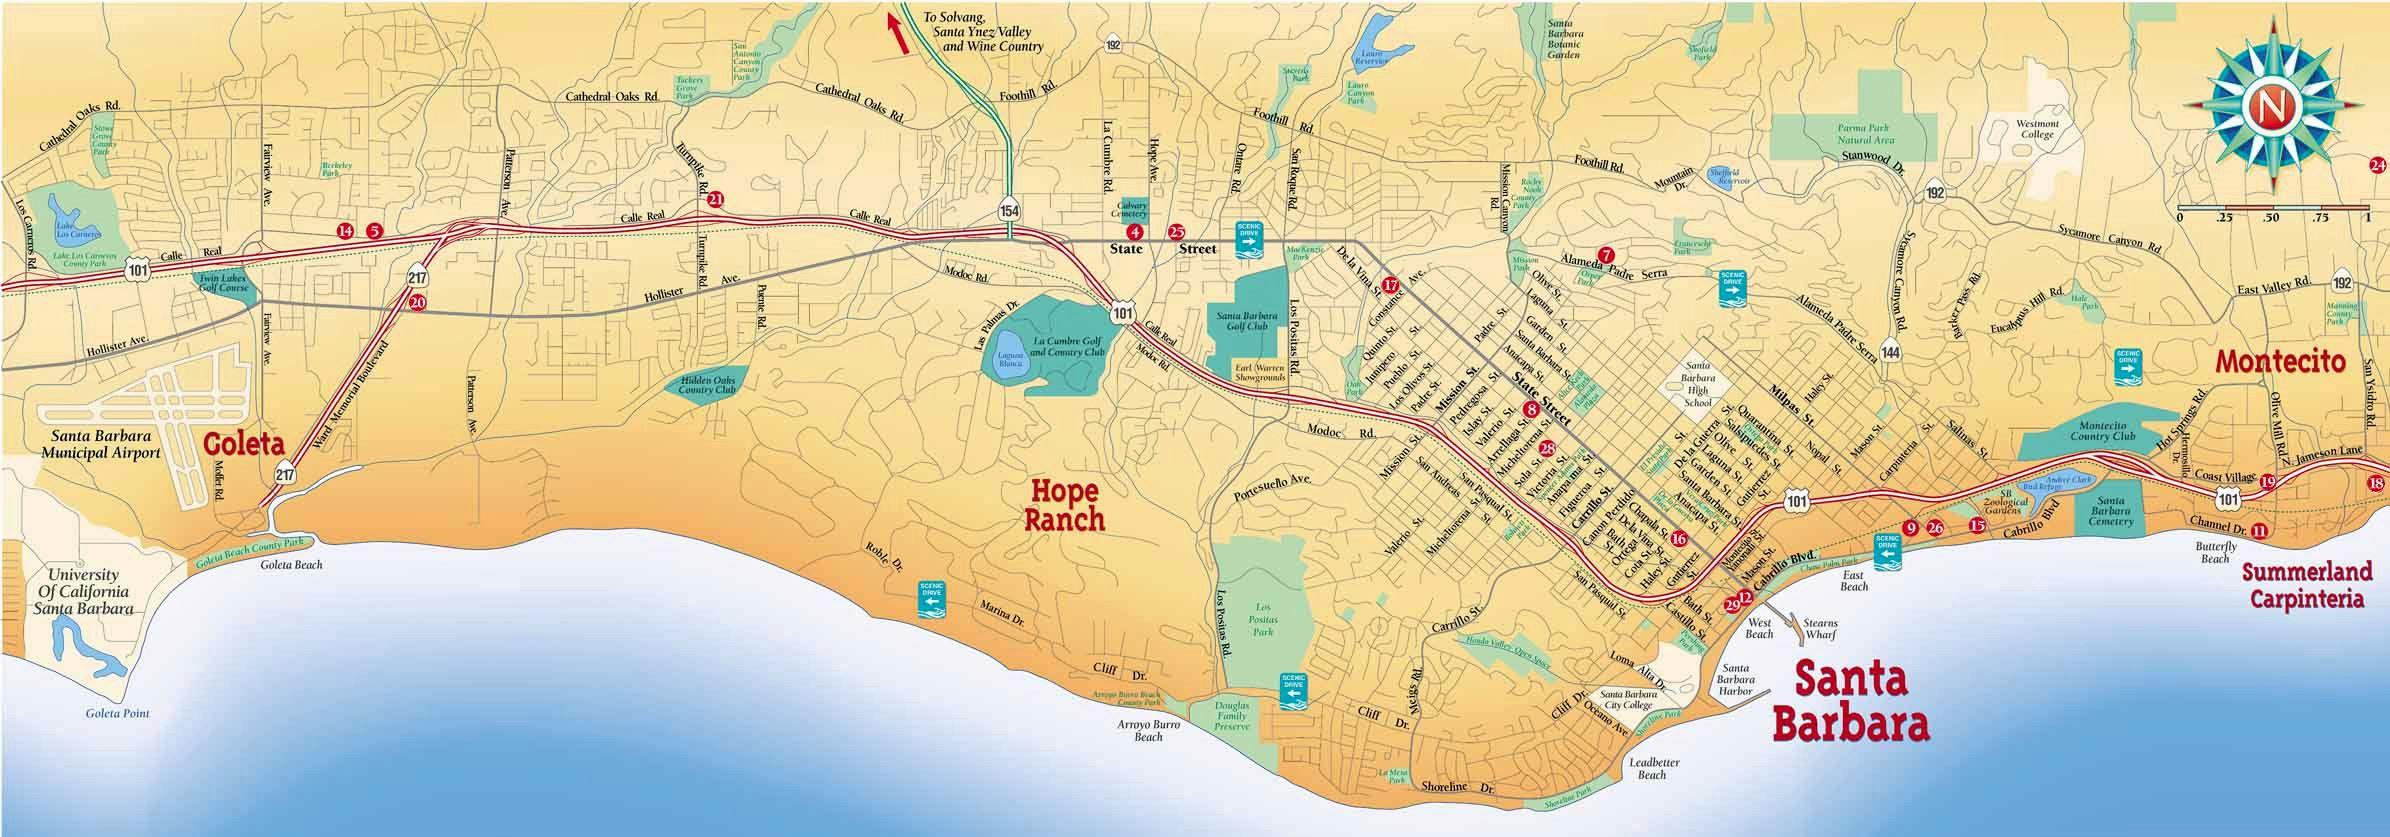 Santa Barbara Map Large Santa Barbara Maps for Free Download and Print   High  Santa Barbara Map